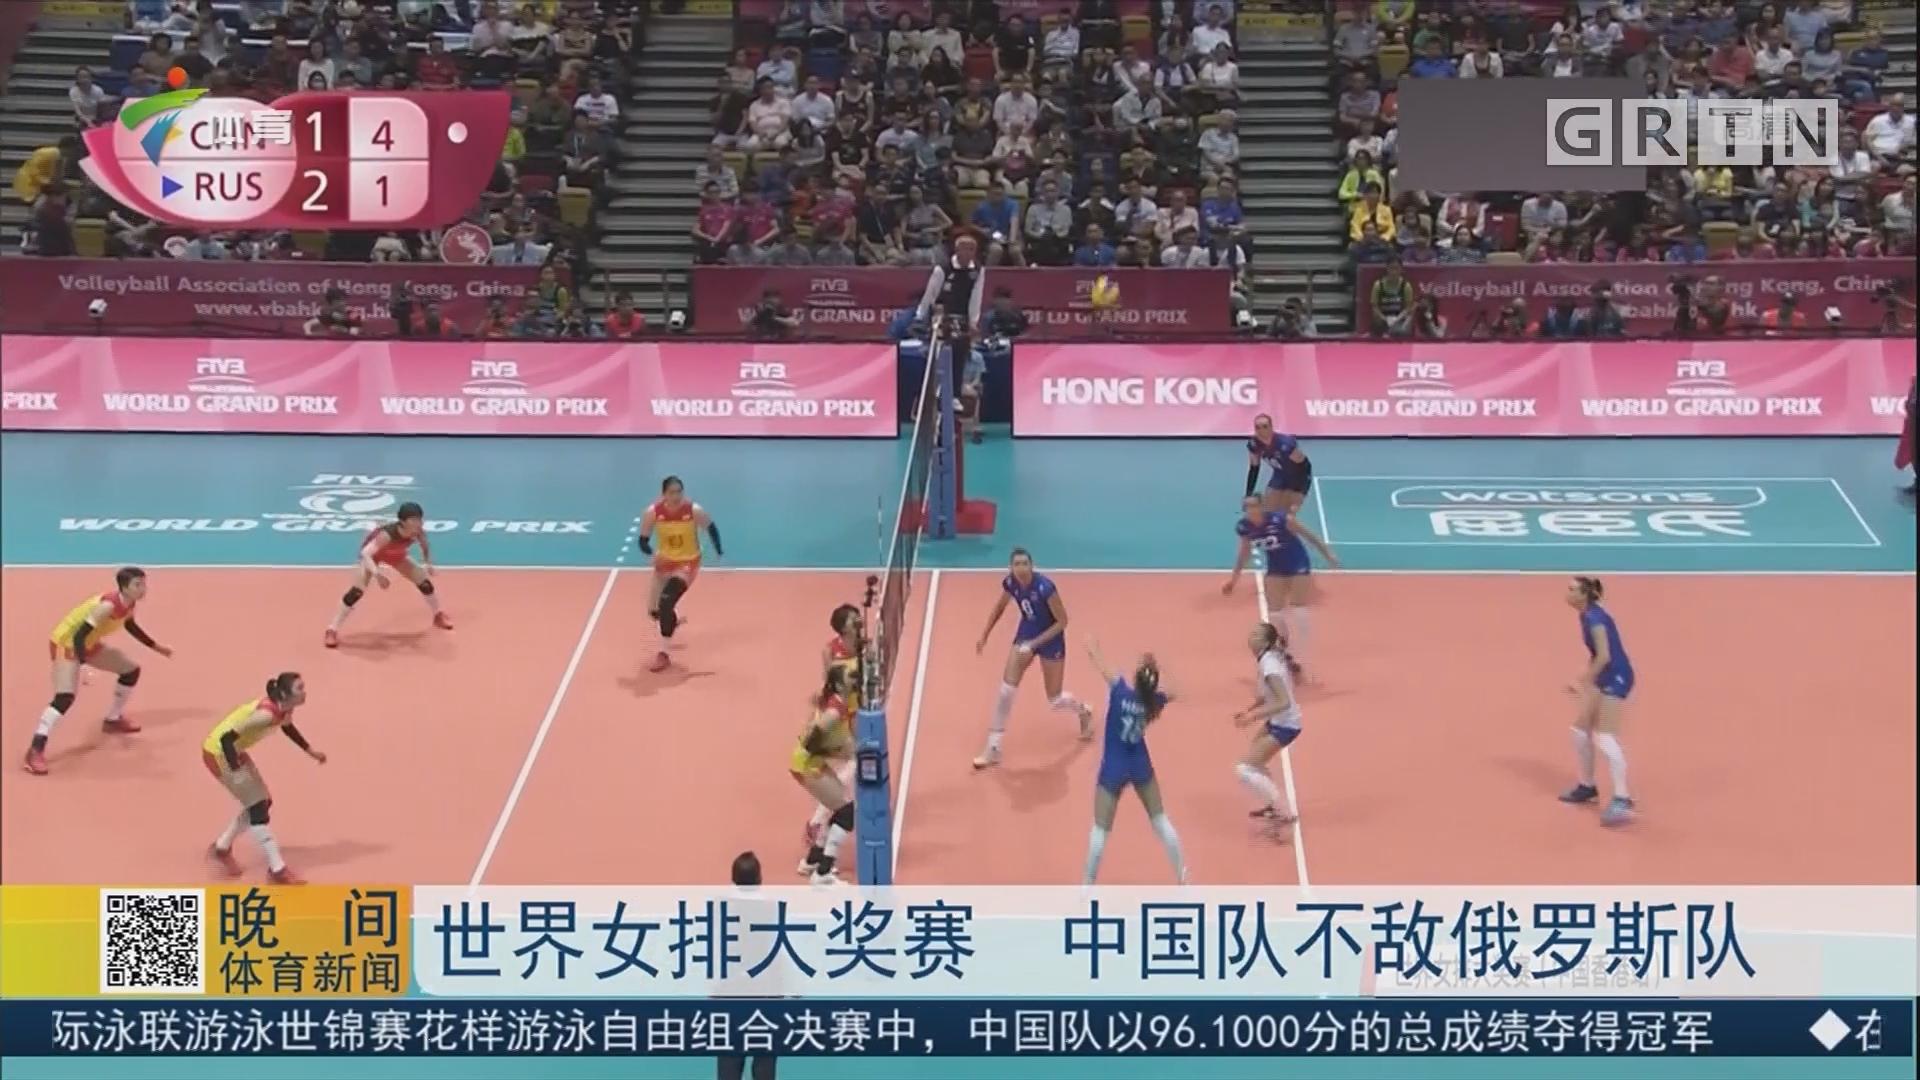 世界女排大奖赛 中国队不敌俄罗斯队